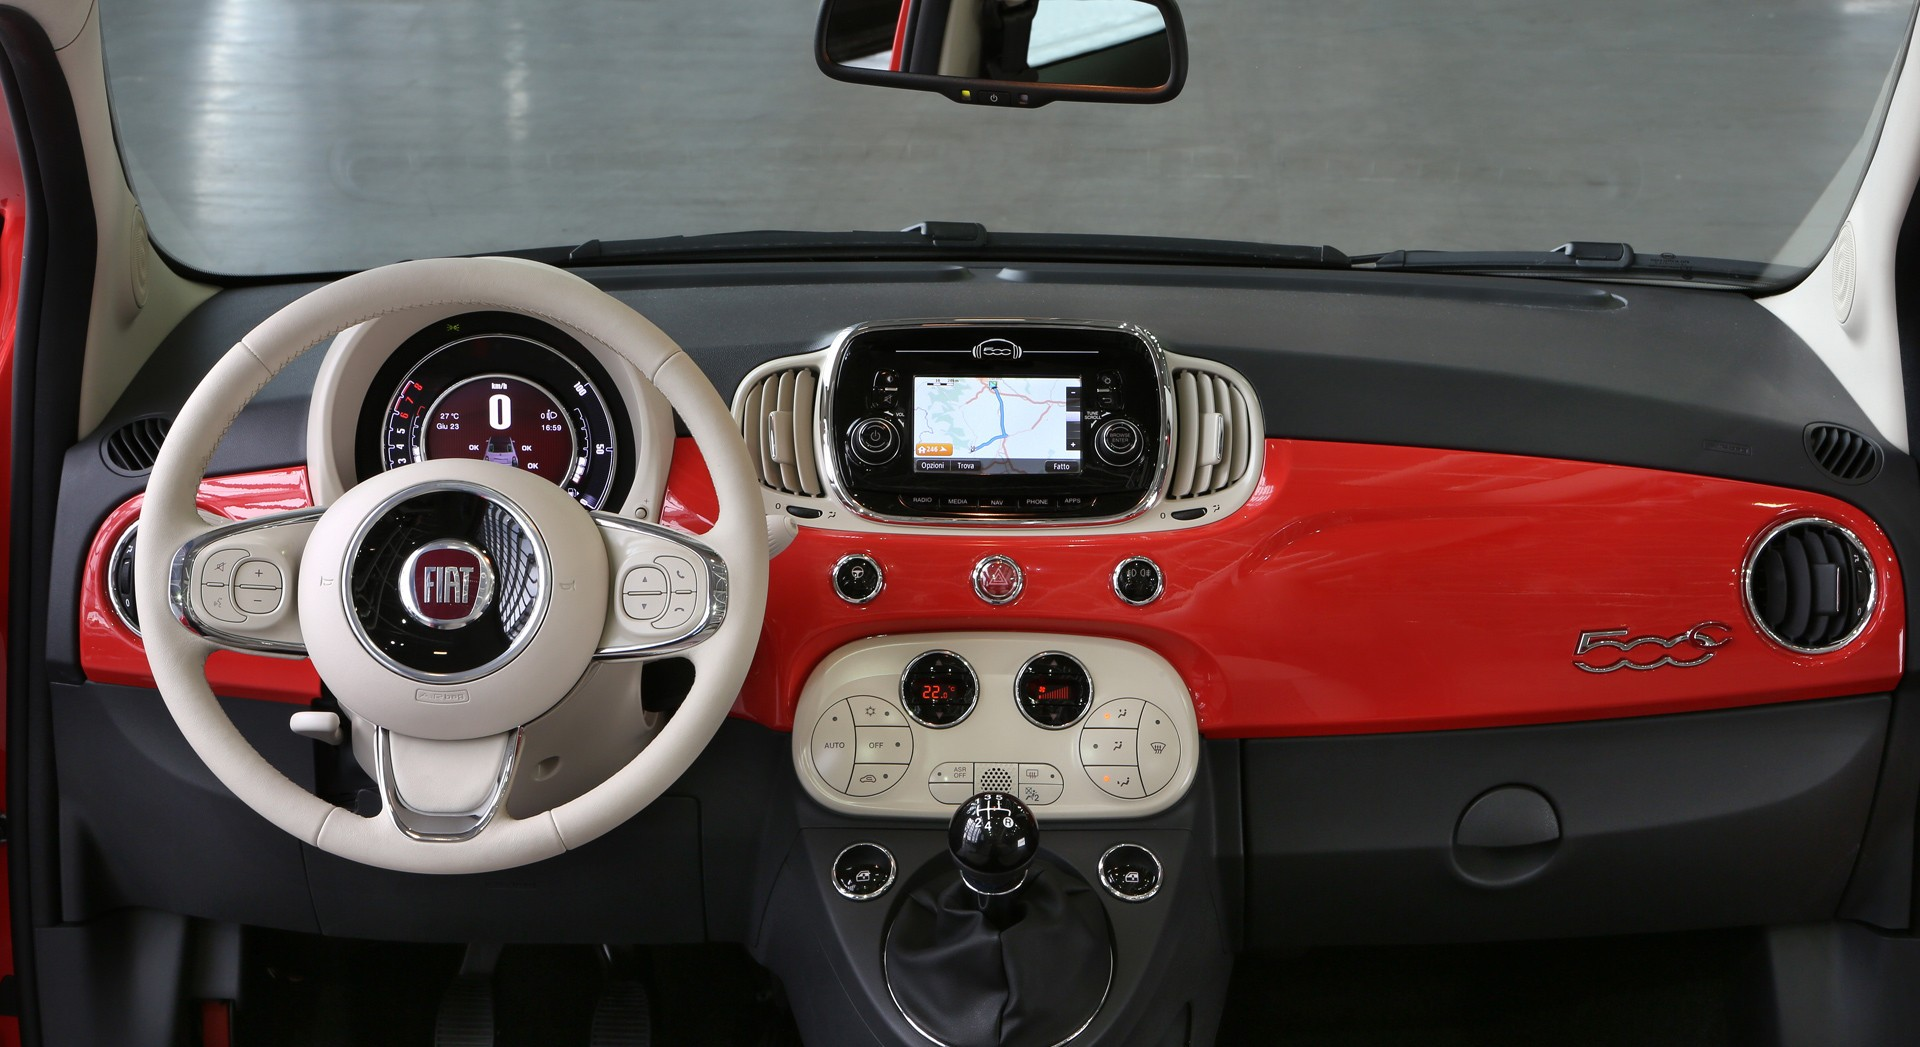 491a2c99 c45c 4d33 8d27 5b4c5c3426a6 فیات ۵۰۰ مشخصات فنی، قیمت و هر آنچه درباره آن باید بدانید   اجاره ماشین